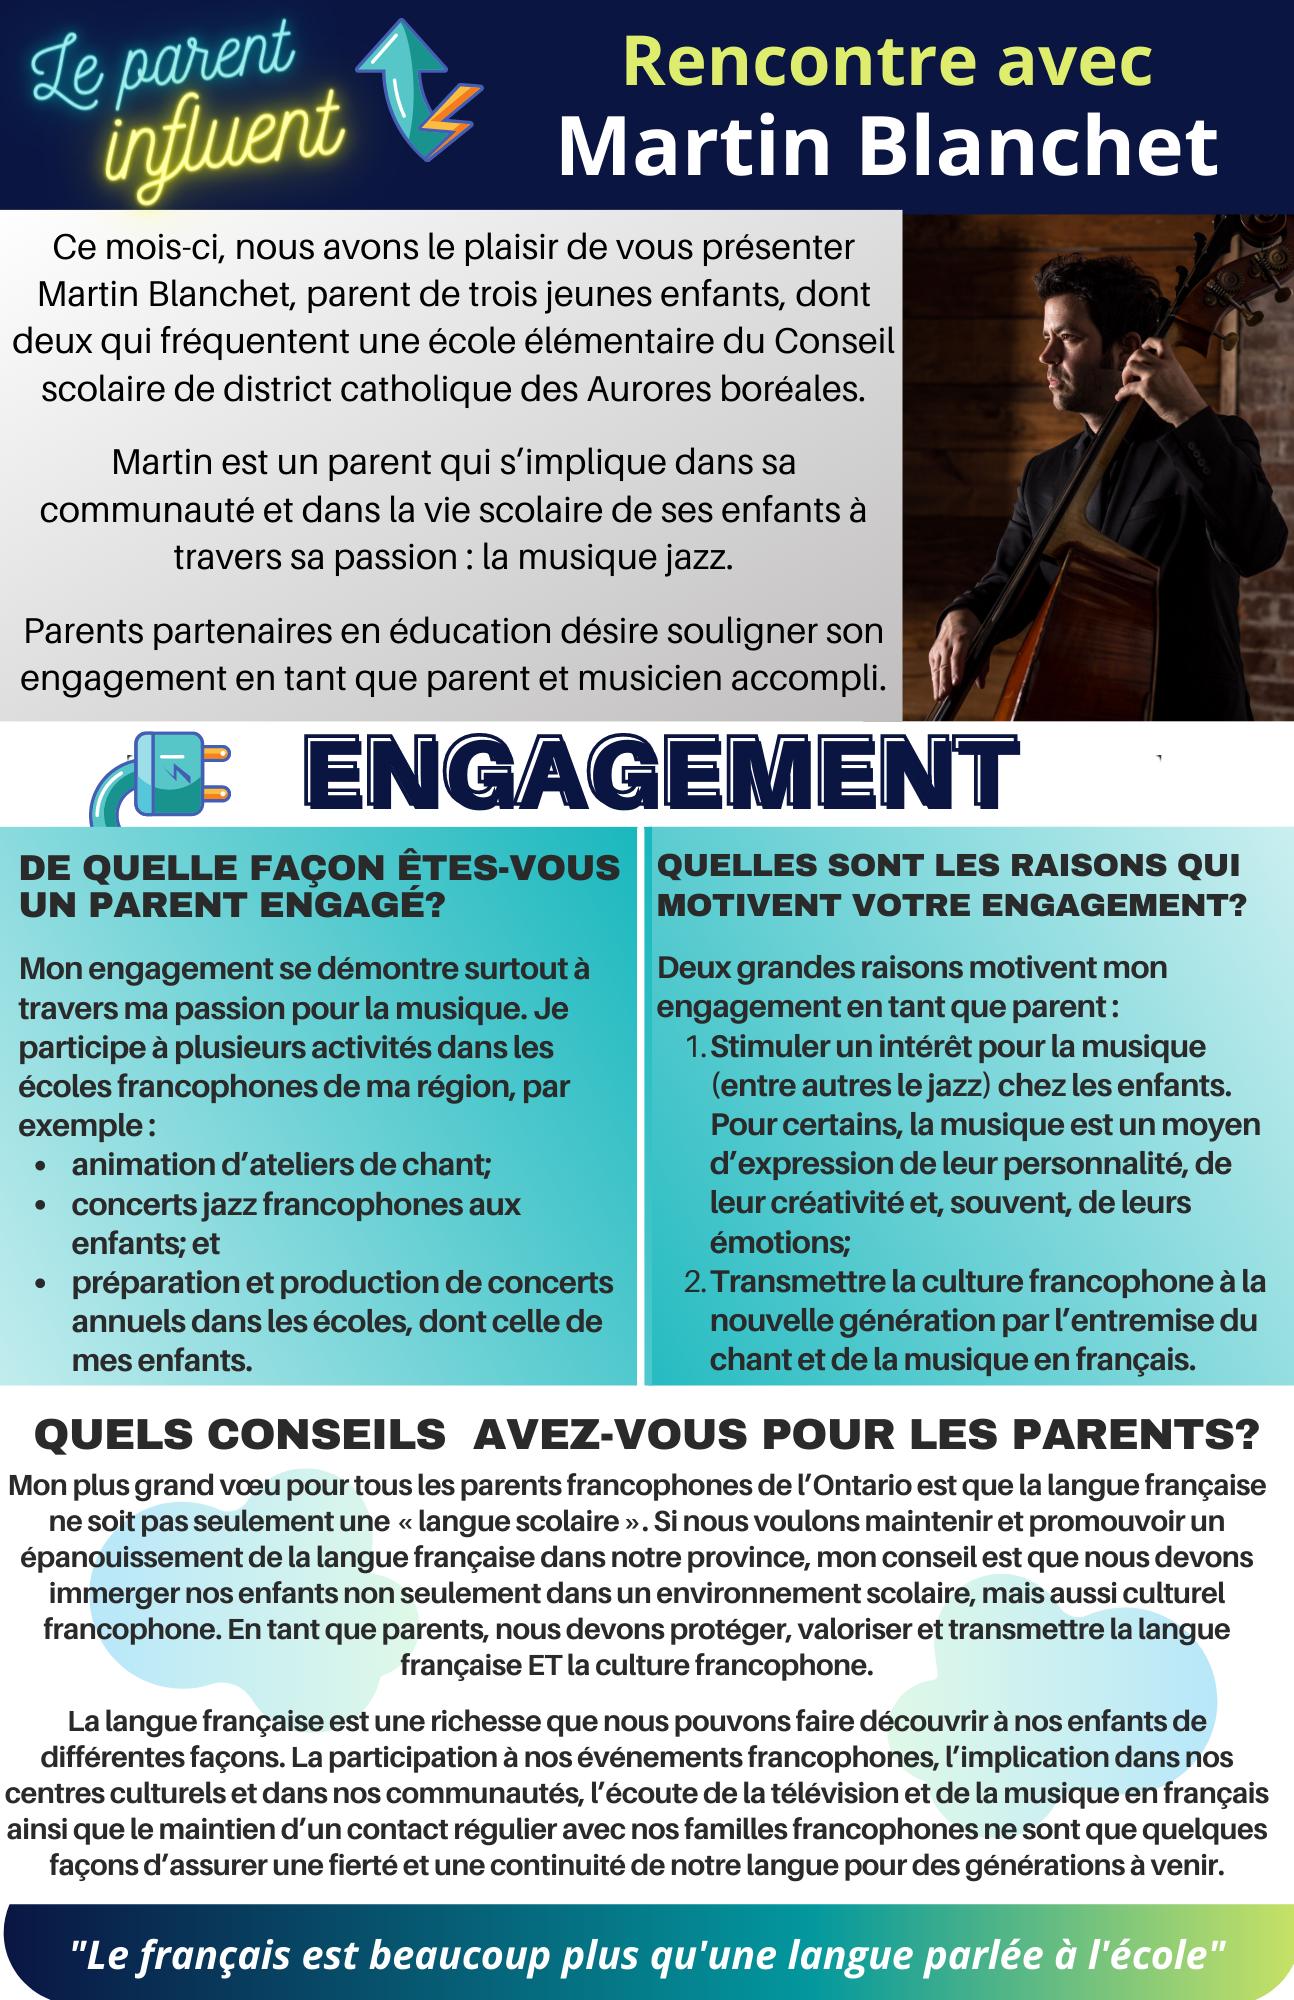 PPE Le parent influent  Martin Blanchet.png